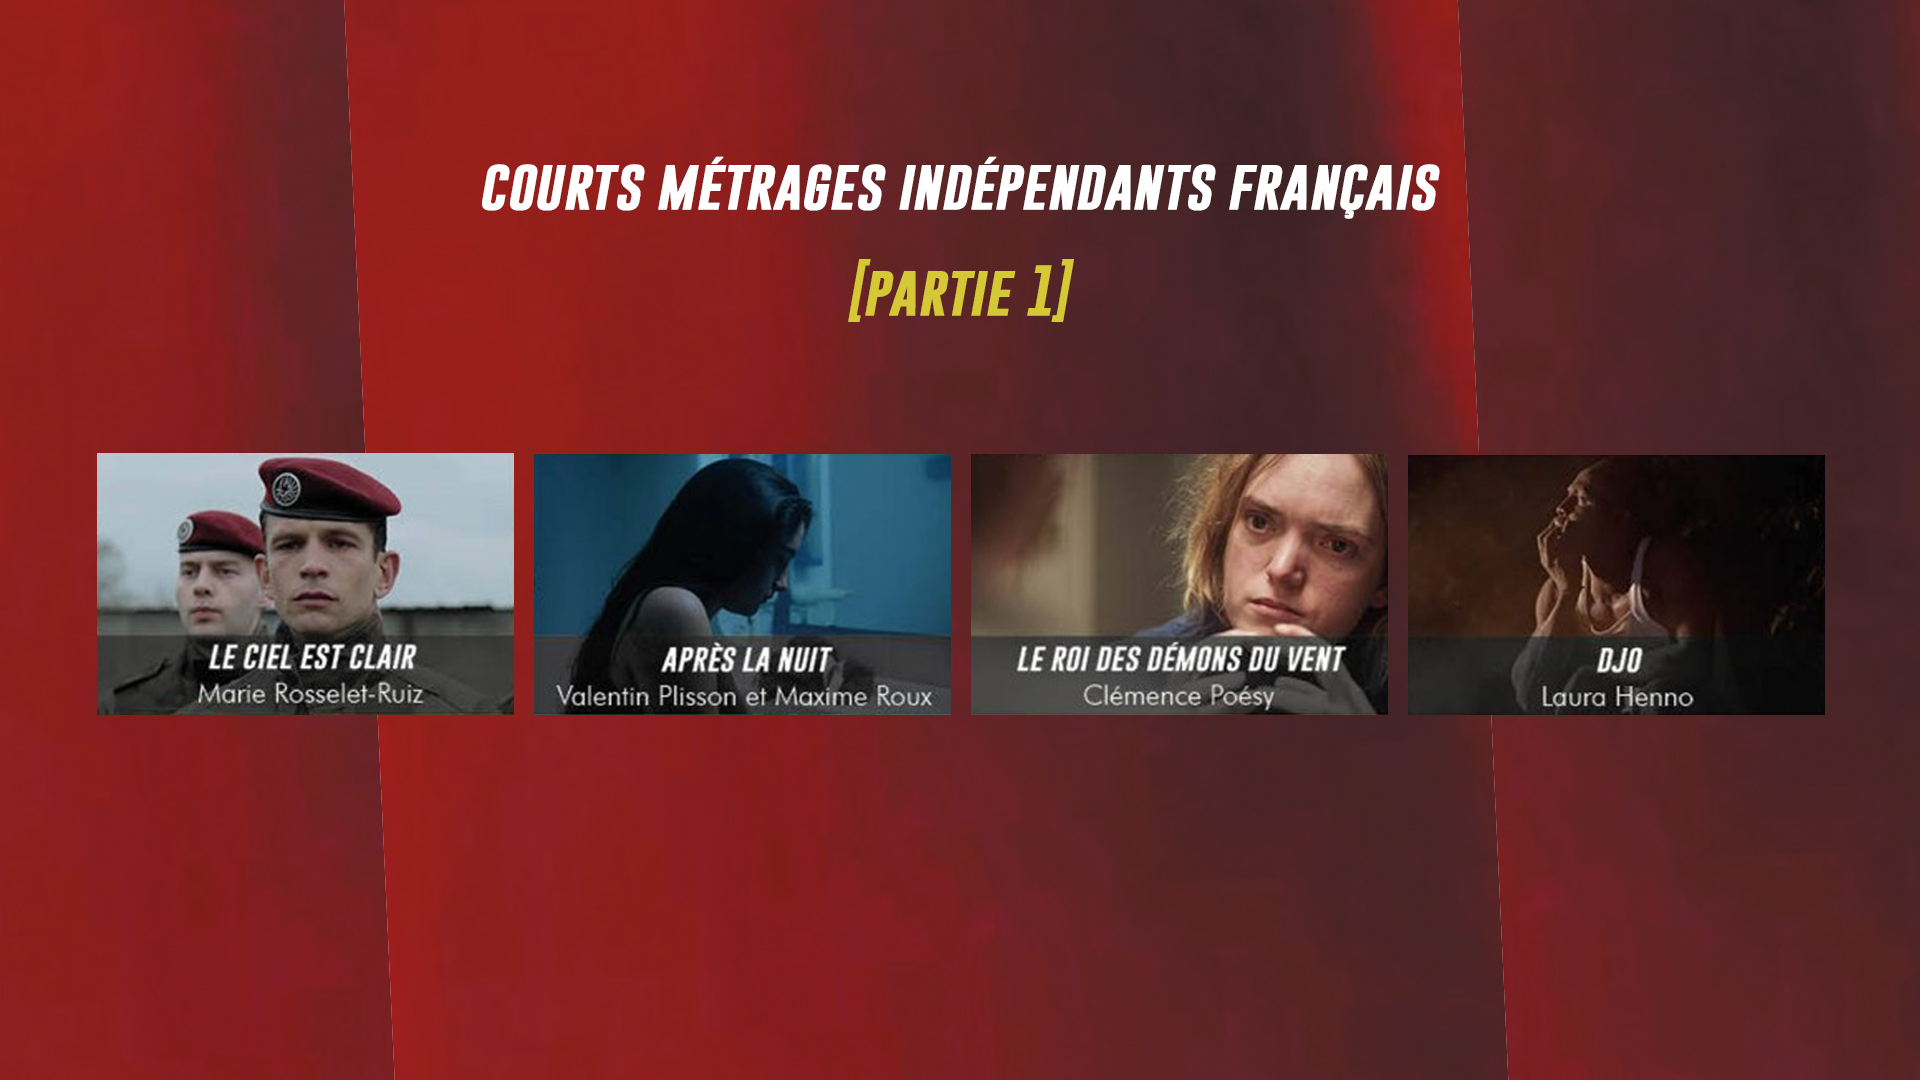 Courts métrages indépendants français [Partie 1]